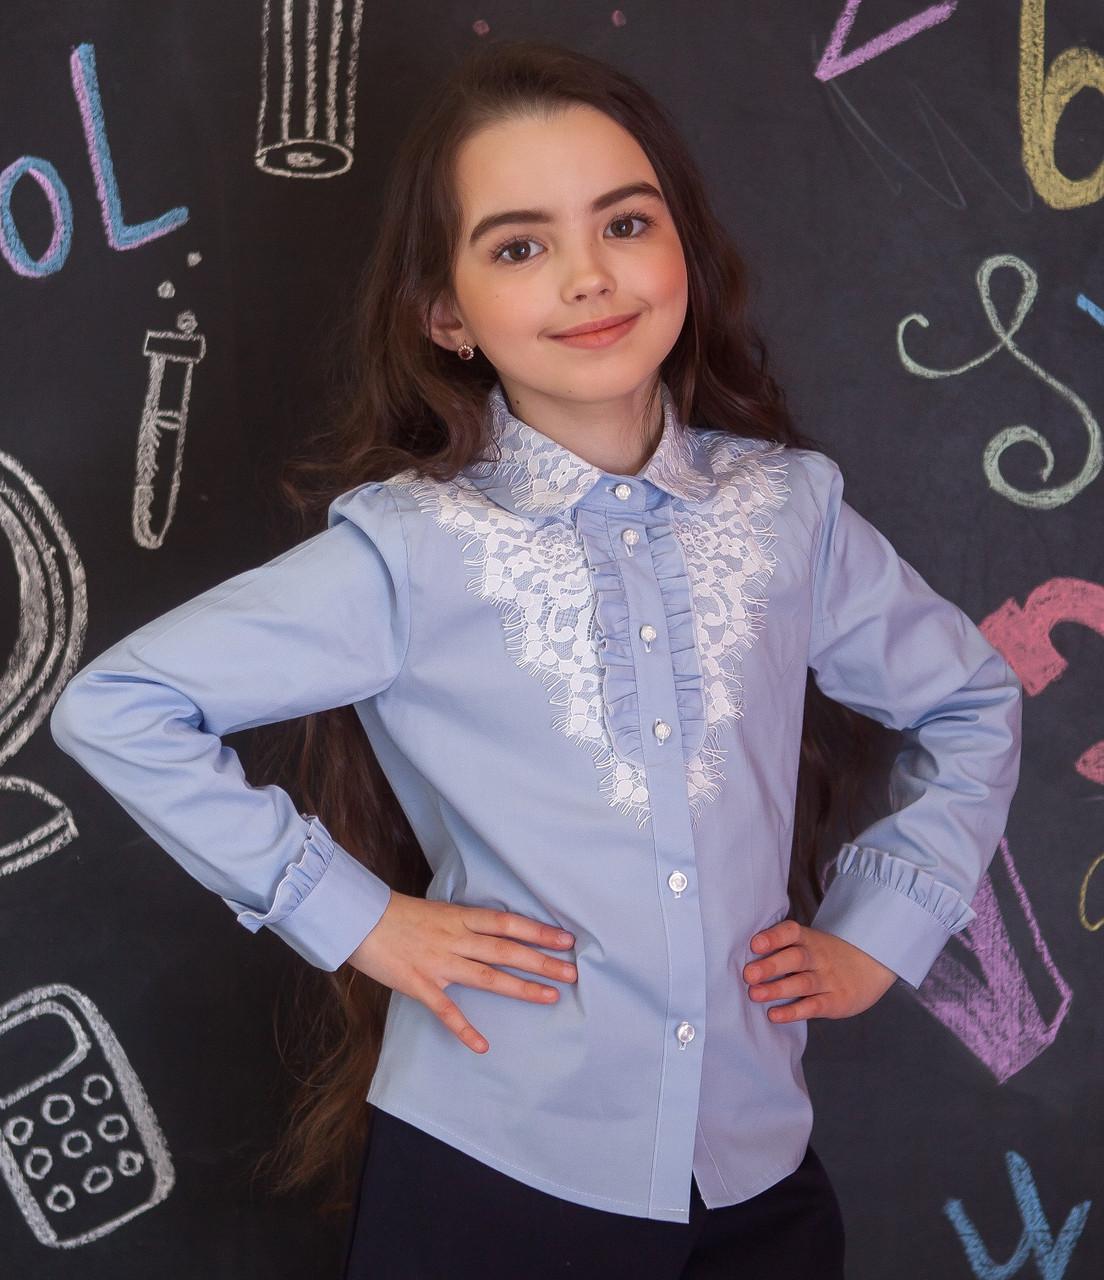 Рубашка для девочки голубая с кружевом и кружевным воротничком